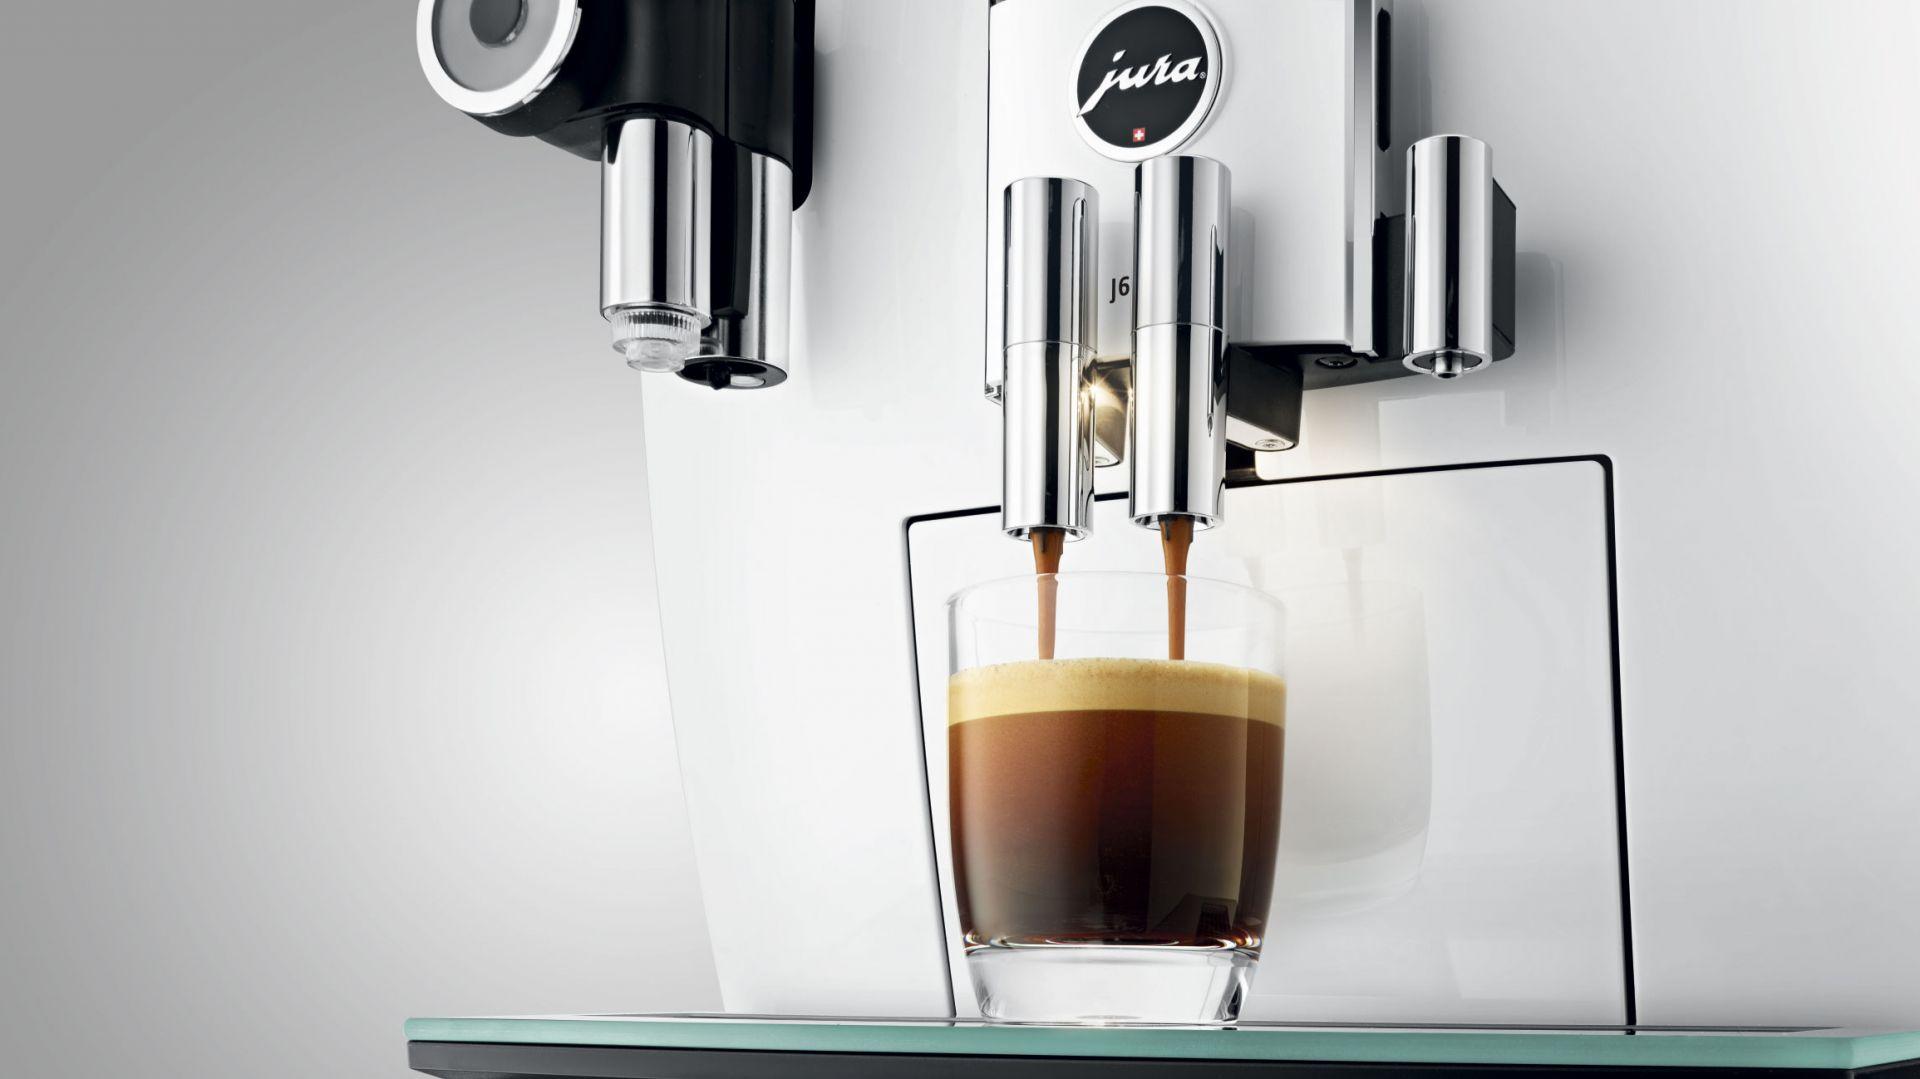 Ekspres do kawy J6. Fot. Jura